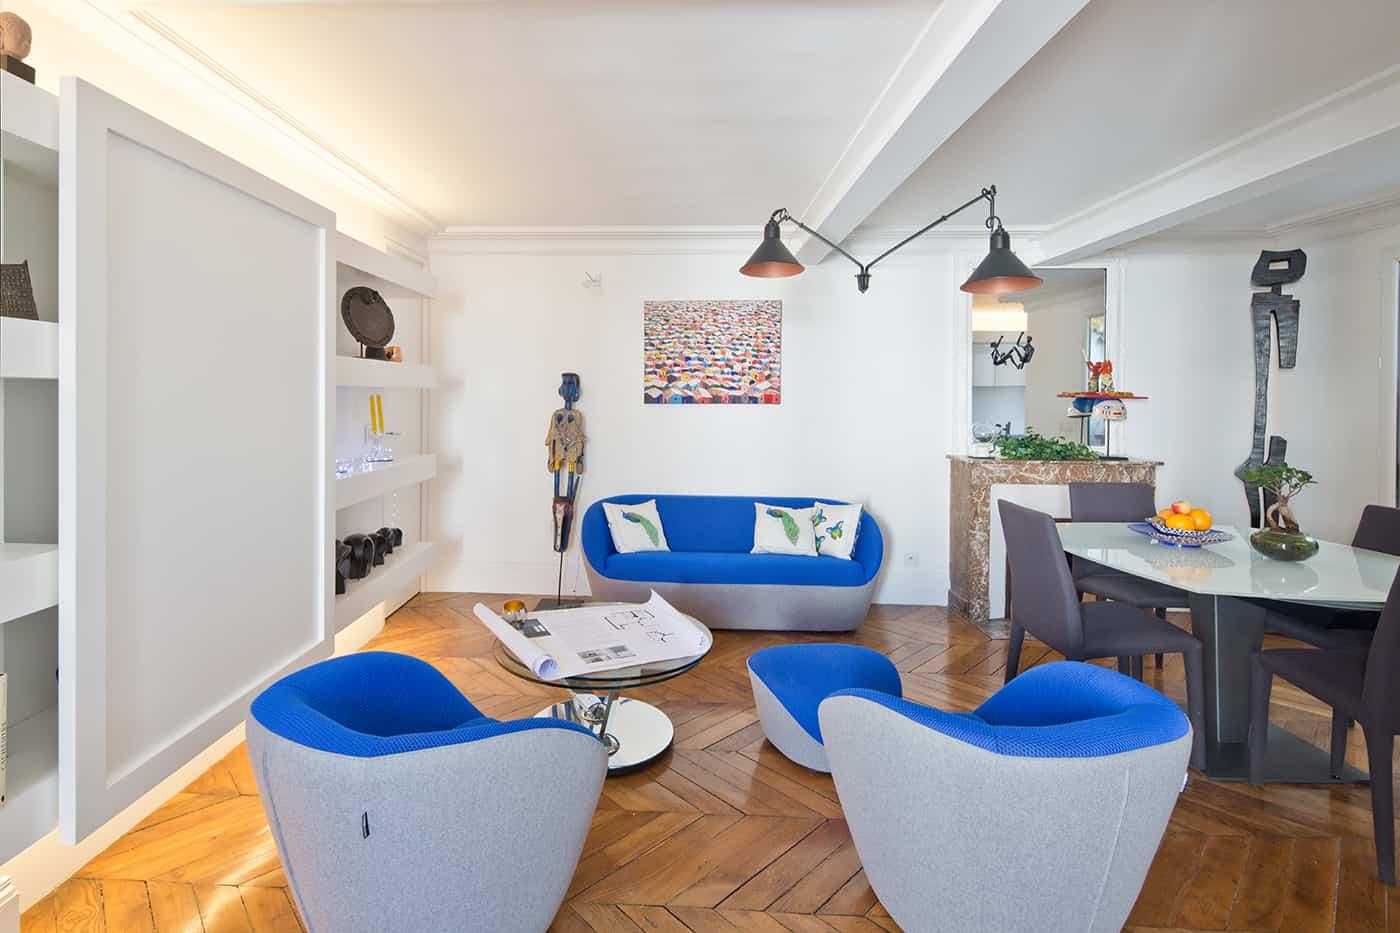 duplex darchitecte a paris © Jonathan Letoublon Architecte Antonin Ziegler via Archibien 3 - Visite d'un appartement Archibien à Paris